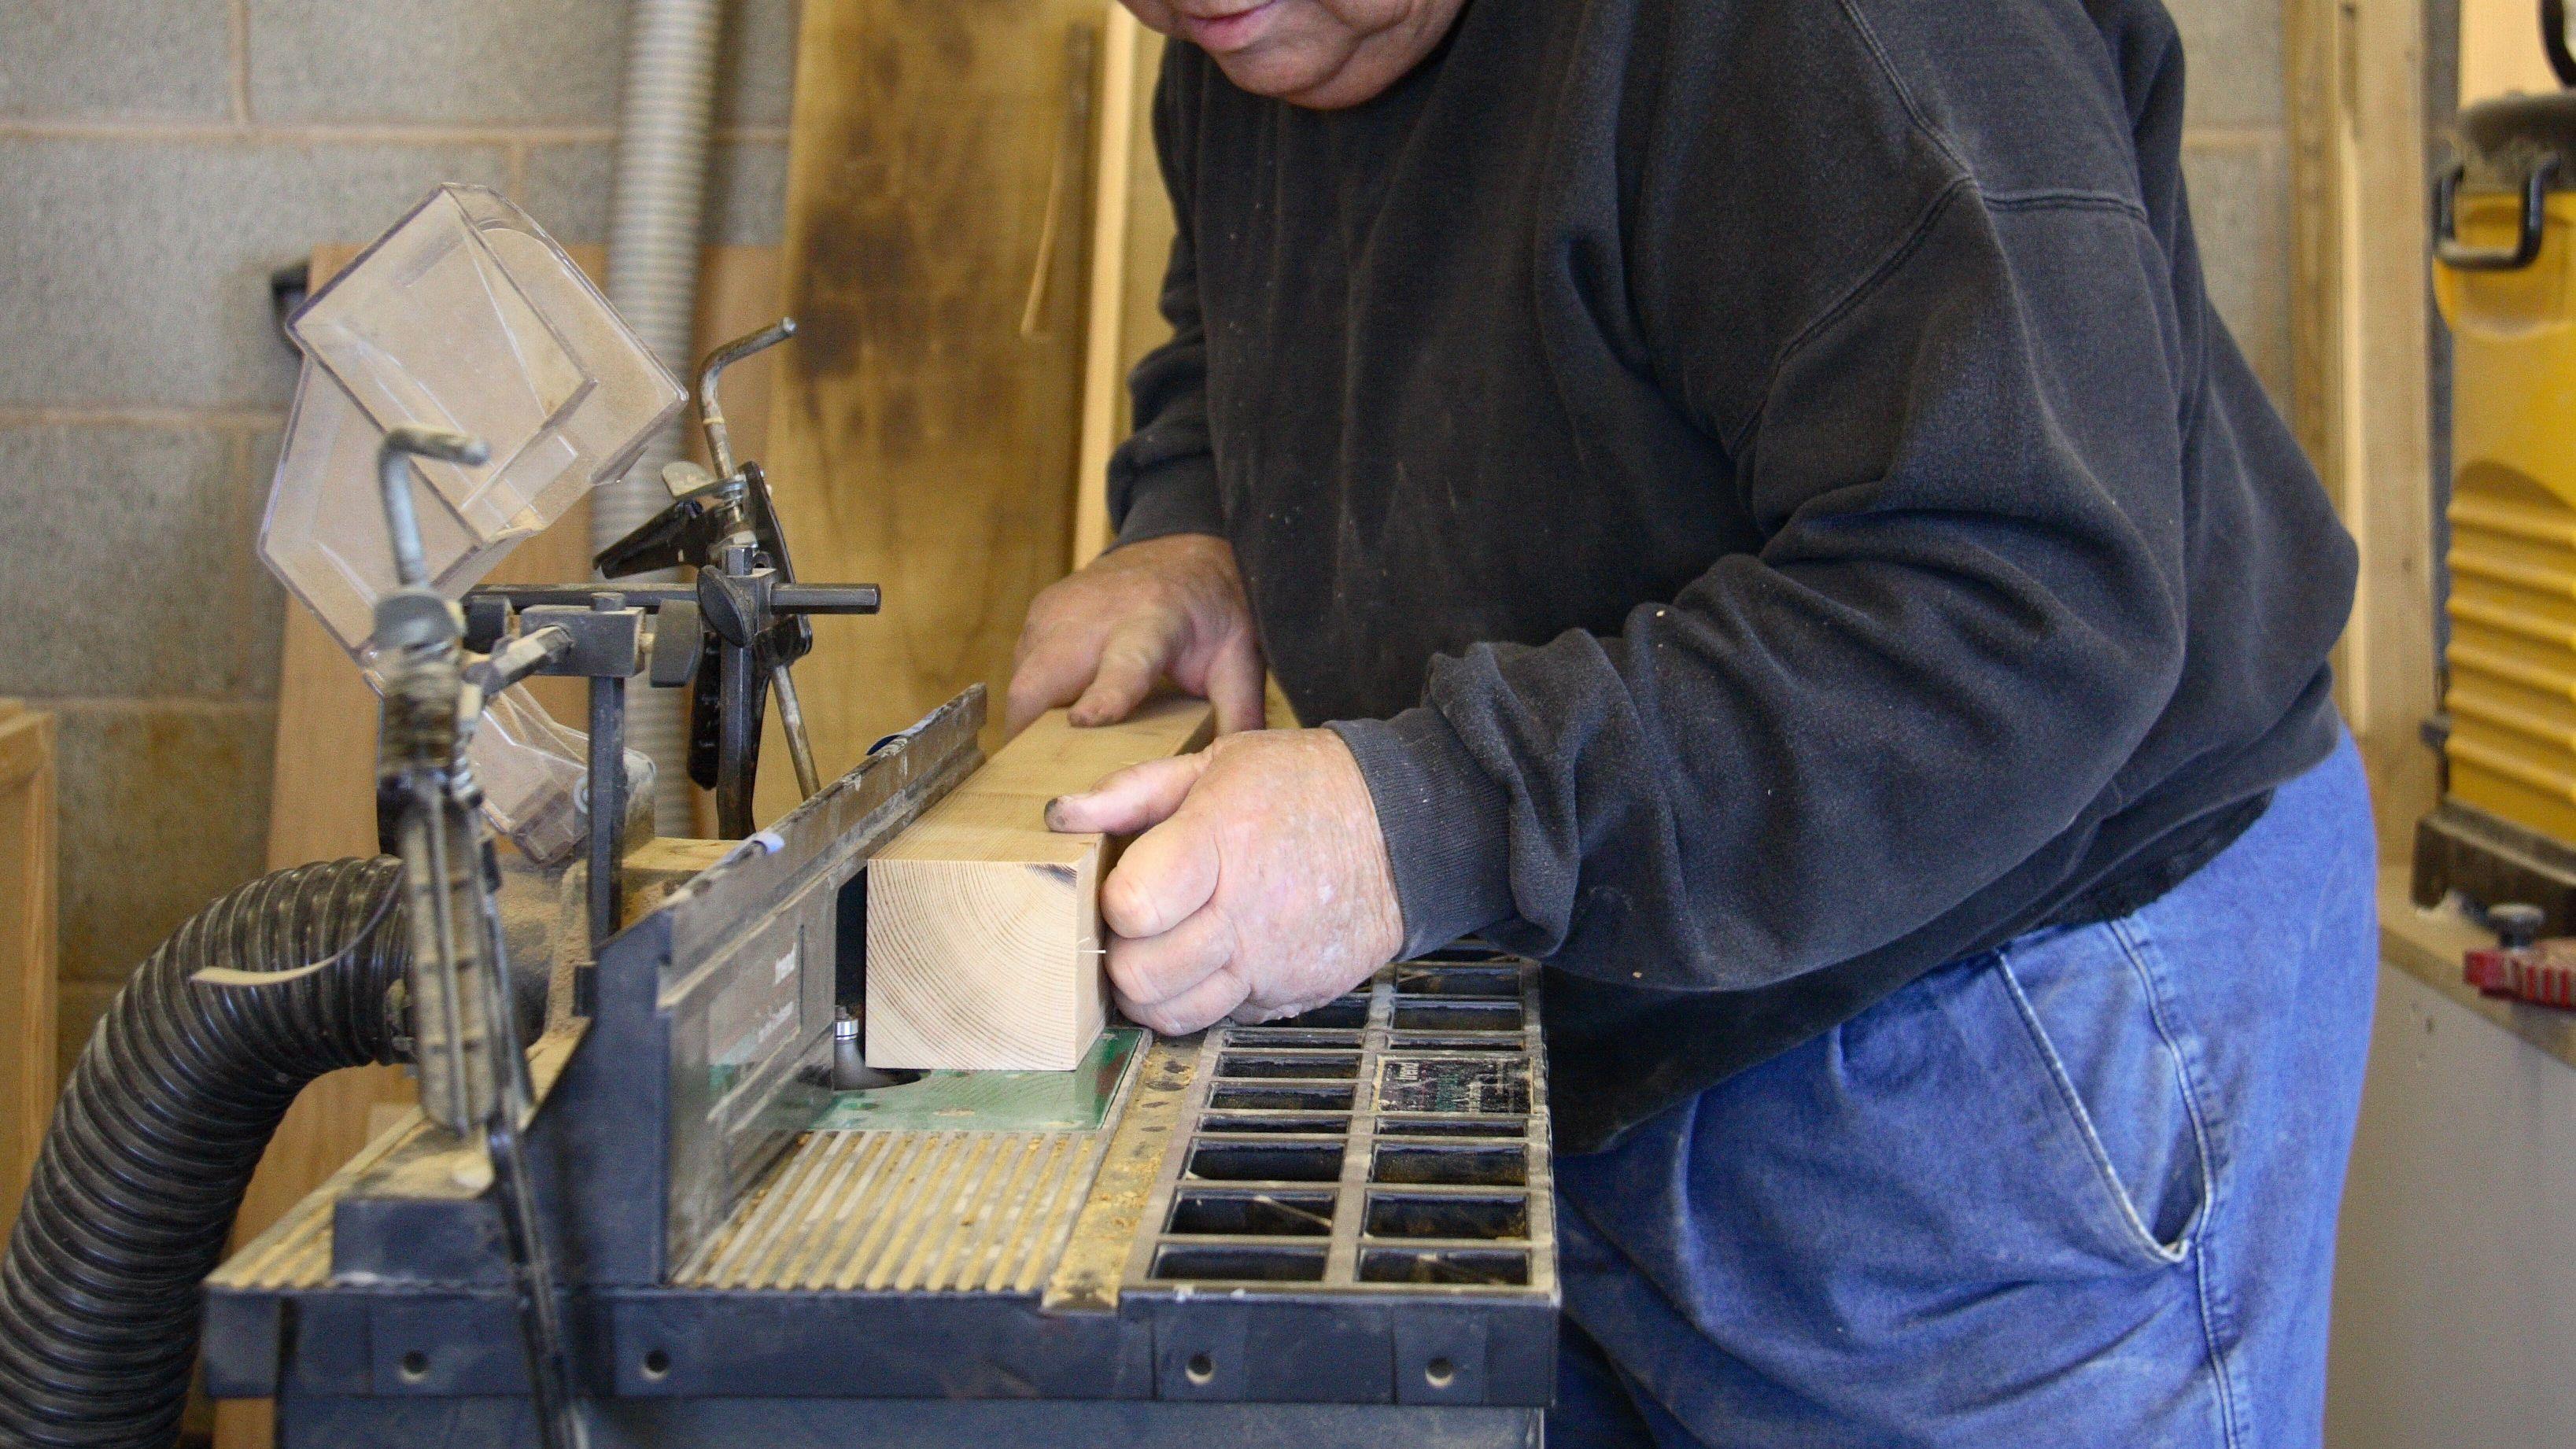 ¿Cómo elegir una tupí para trabajar la madera?